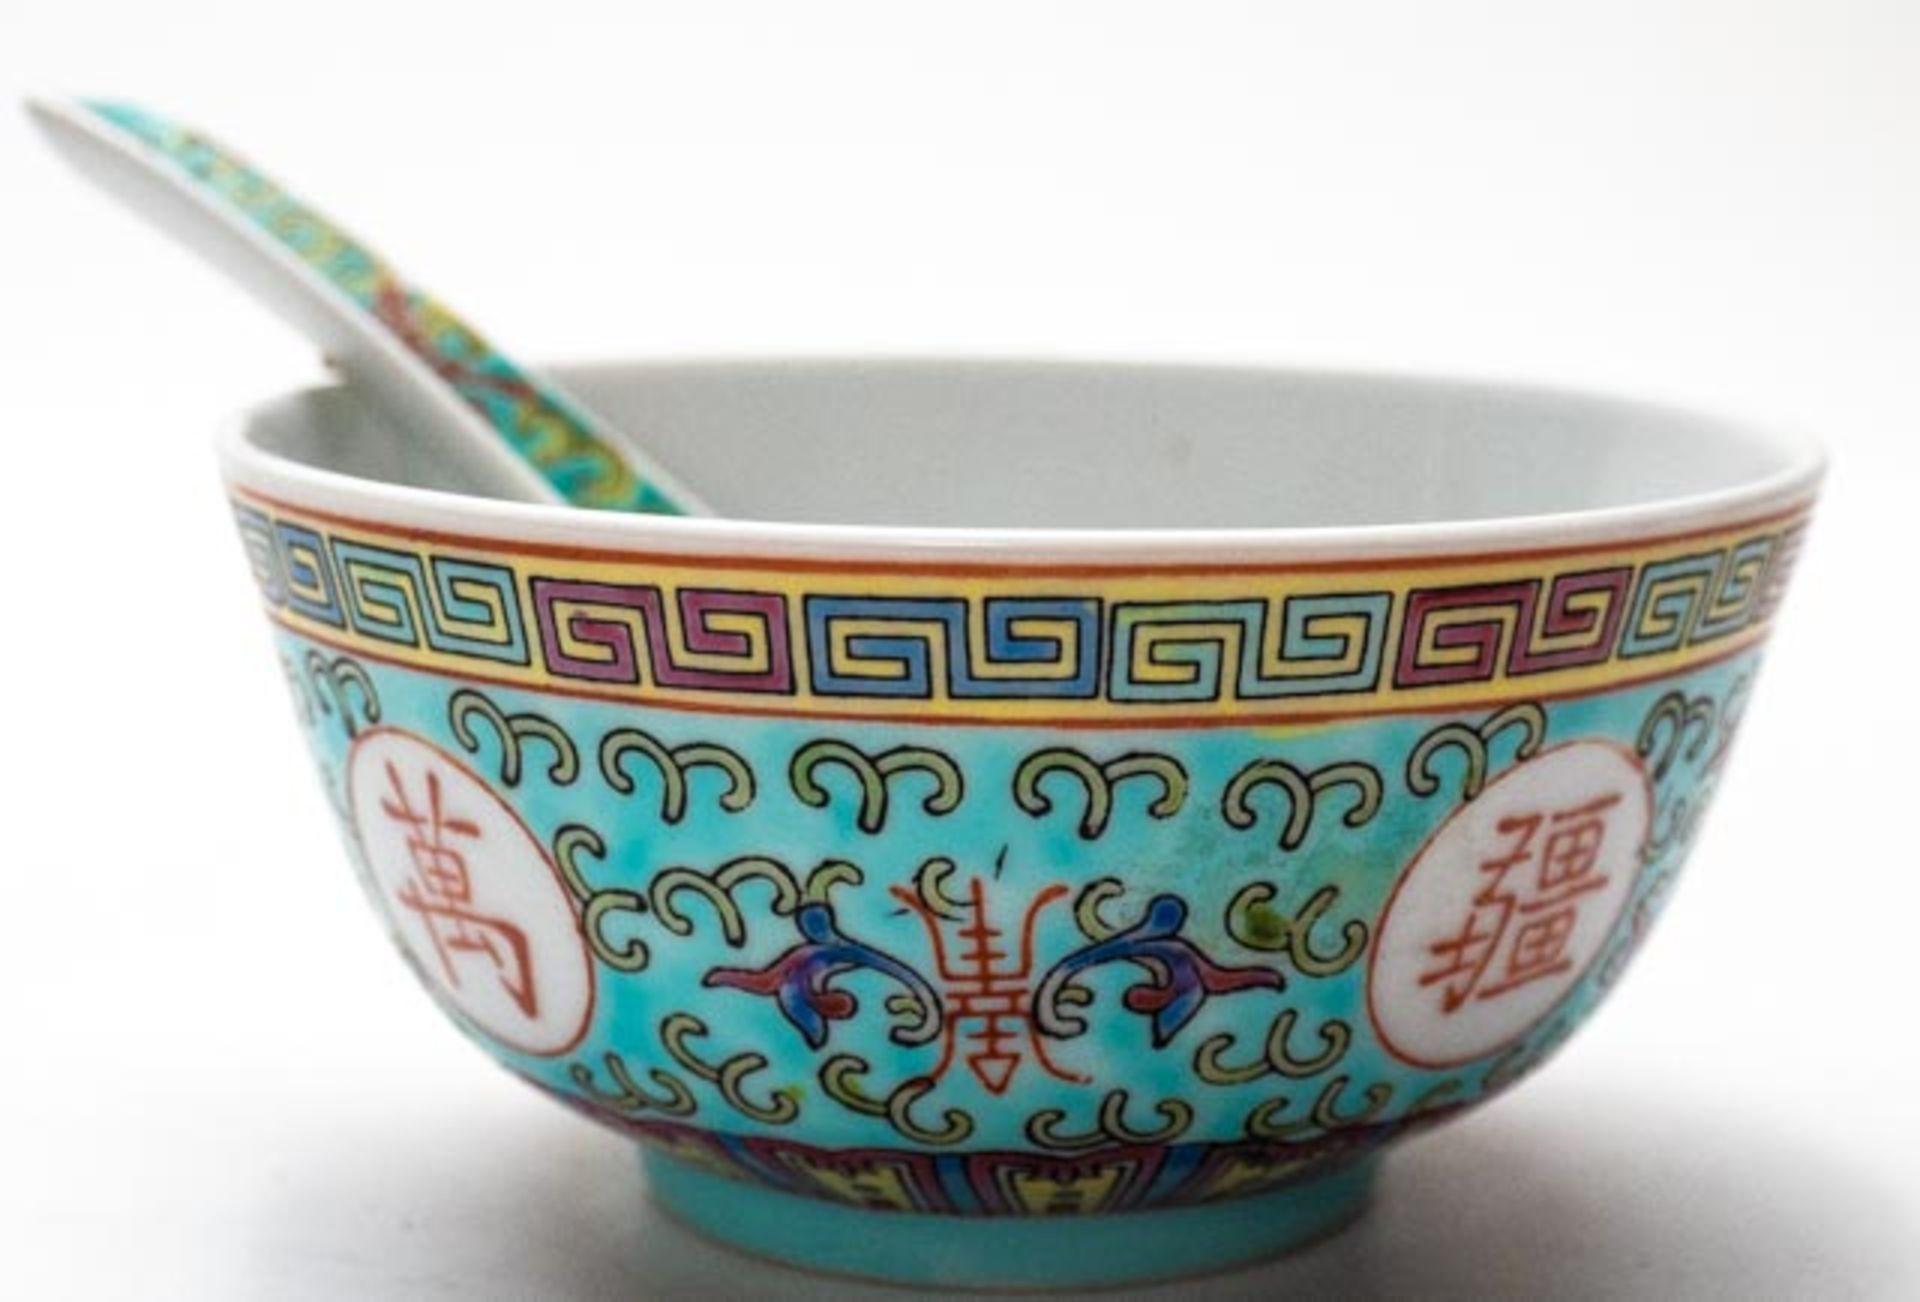 Asiatische Porzellankumme mit Porzellanlöffel - Image 3 of 5